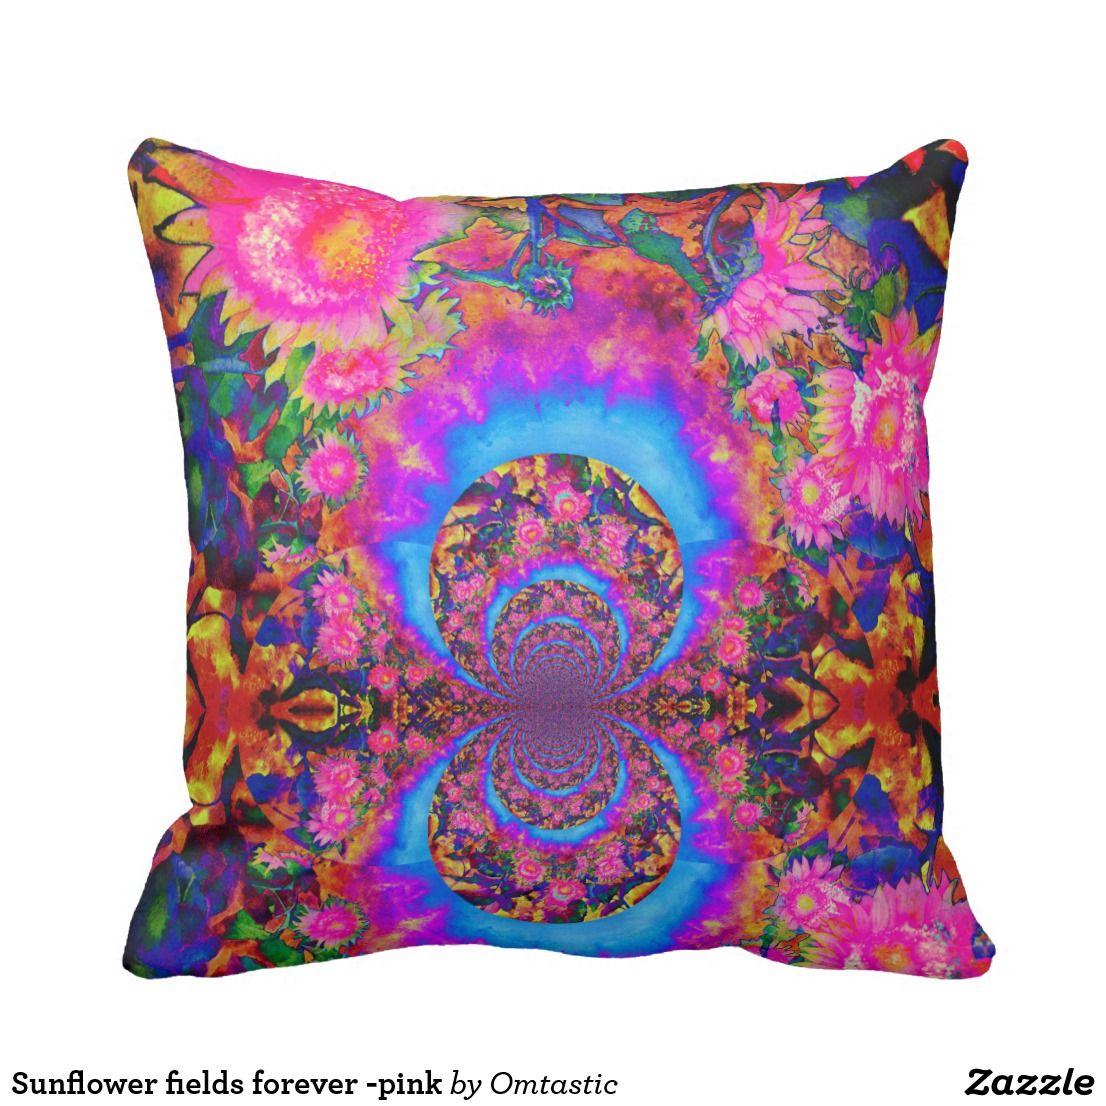 Sunflower fields forever -pink throw pillow